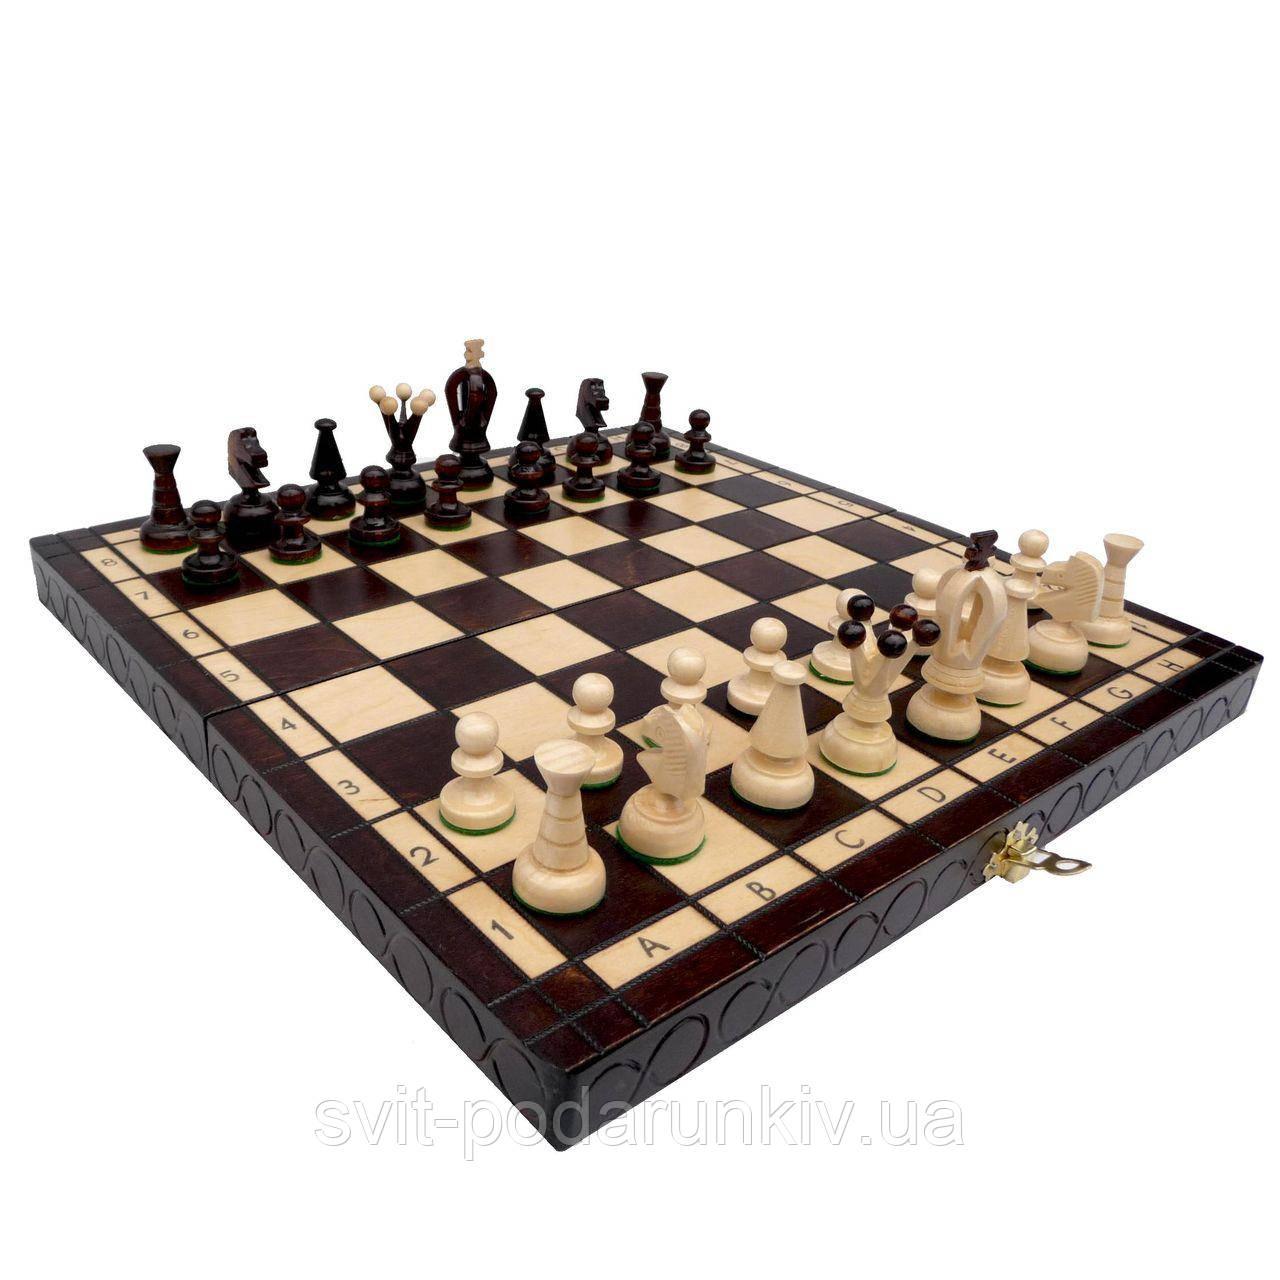 Шахматы Королевские средние 112 Madon